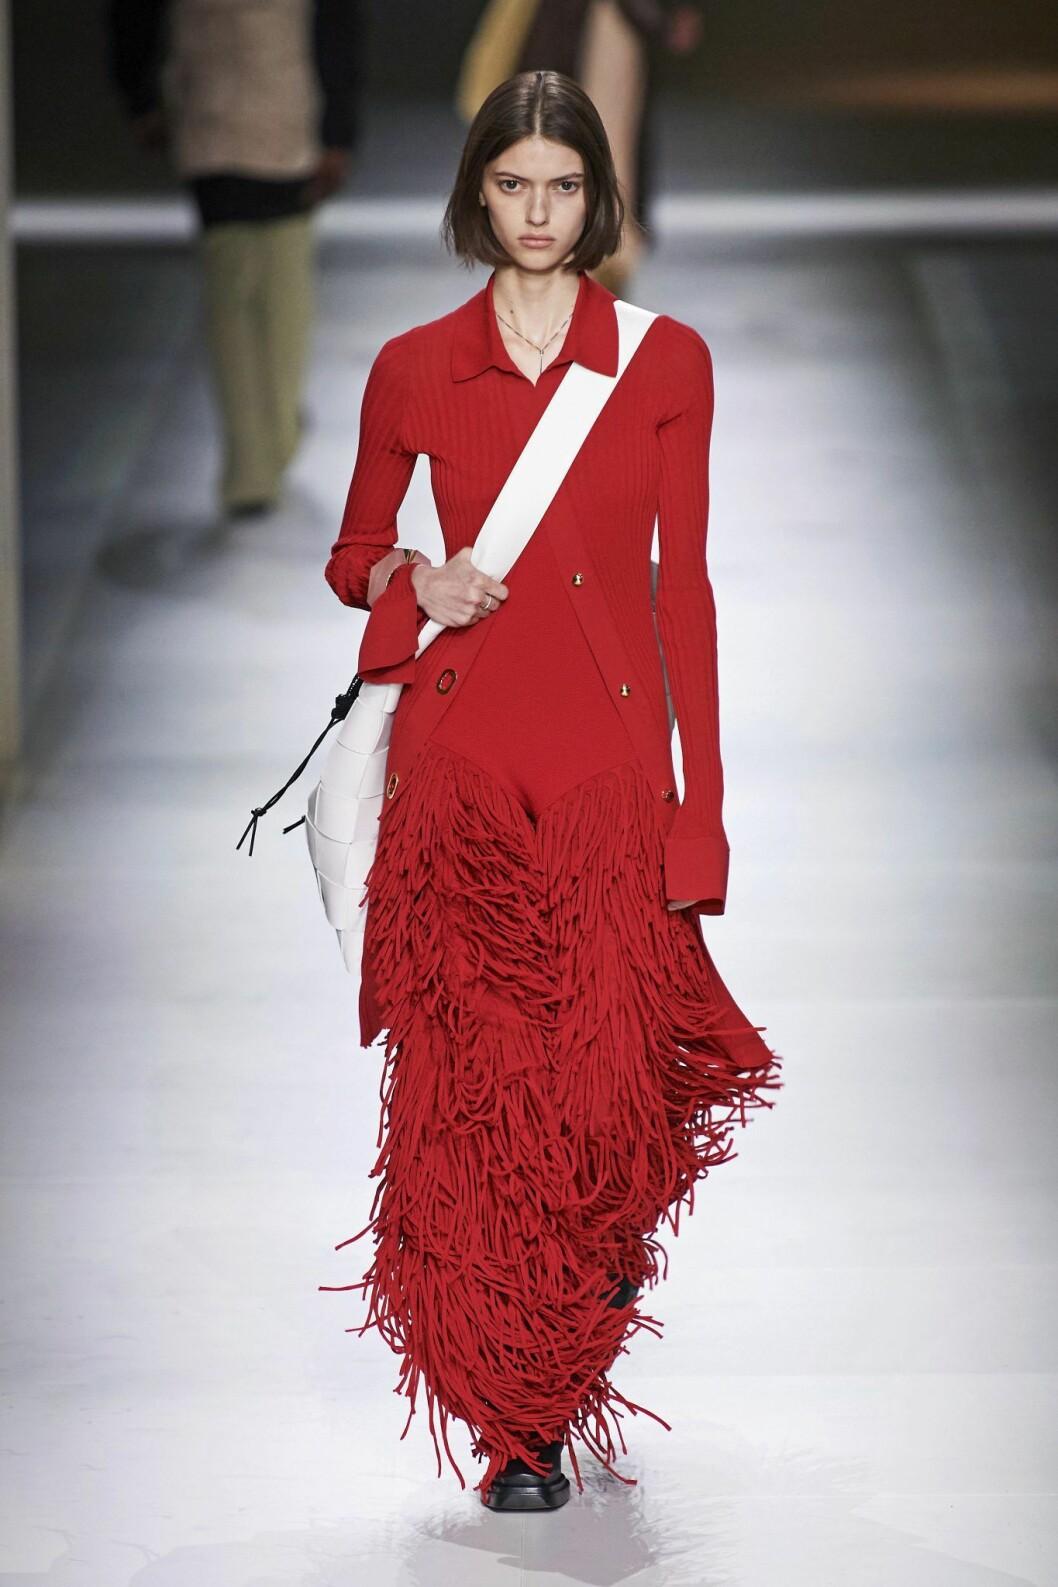 Röd fransklänning Bottega Veneta